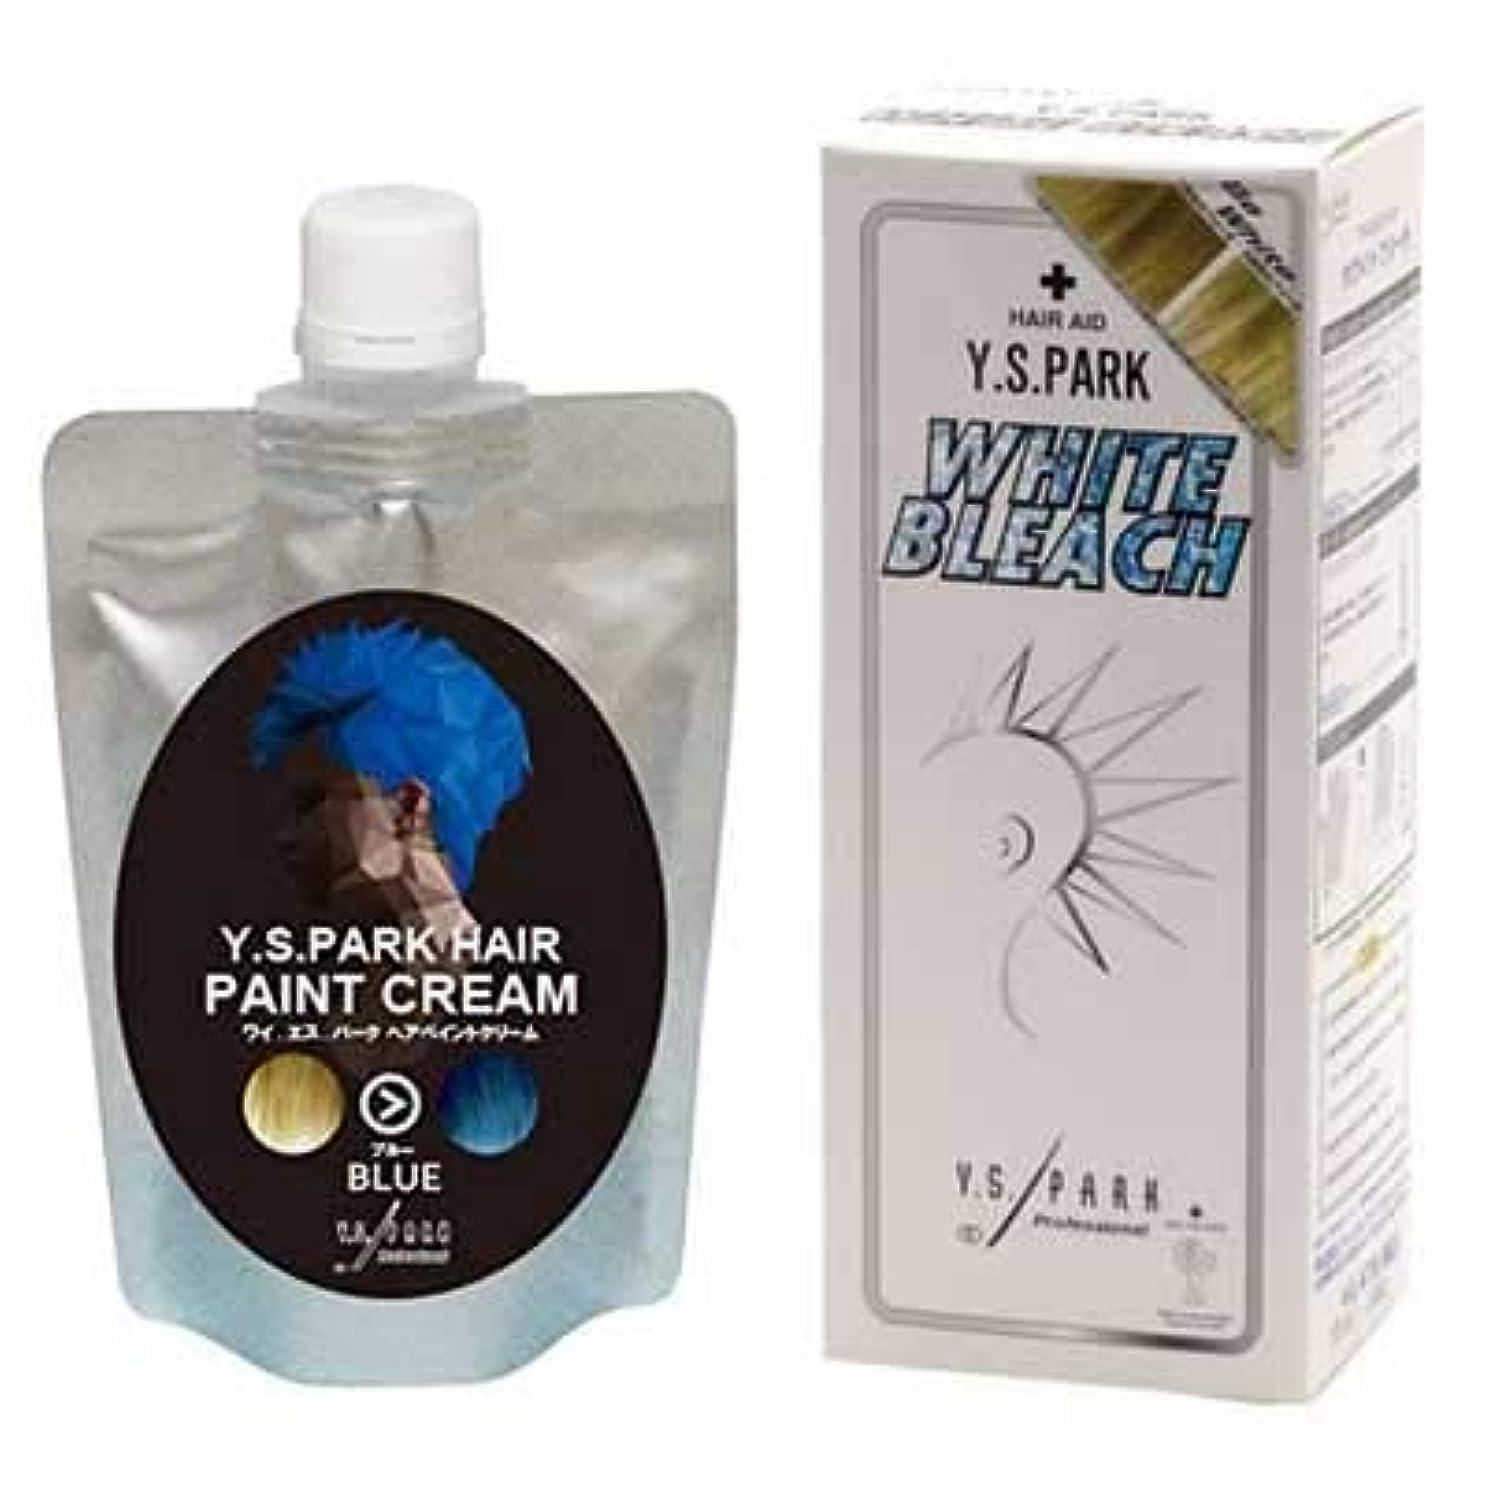 有限可能にする押すY.S.PARKヘアペイントクリーム ブルー 200g & Y.S.PARKホワイトブリーチセット